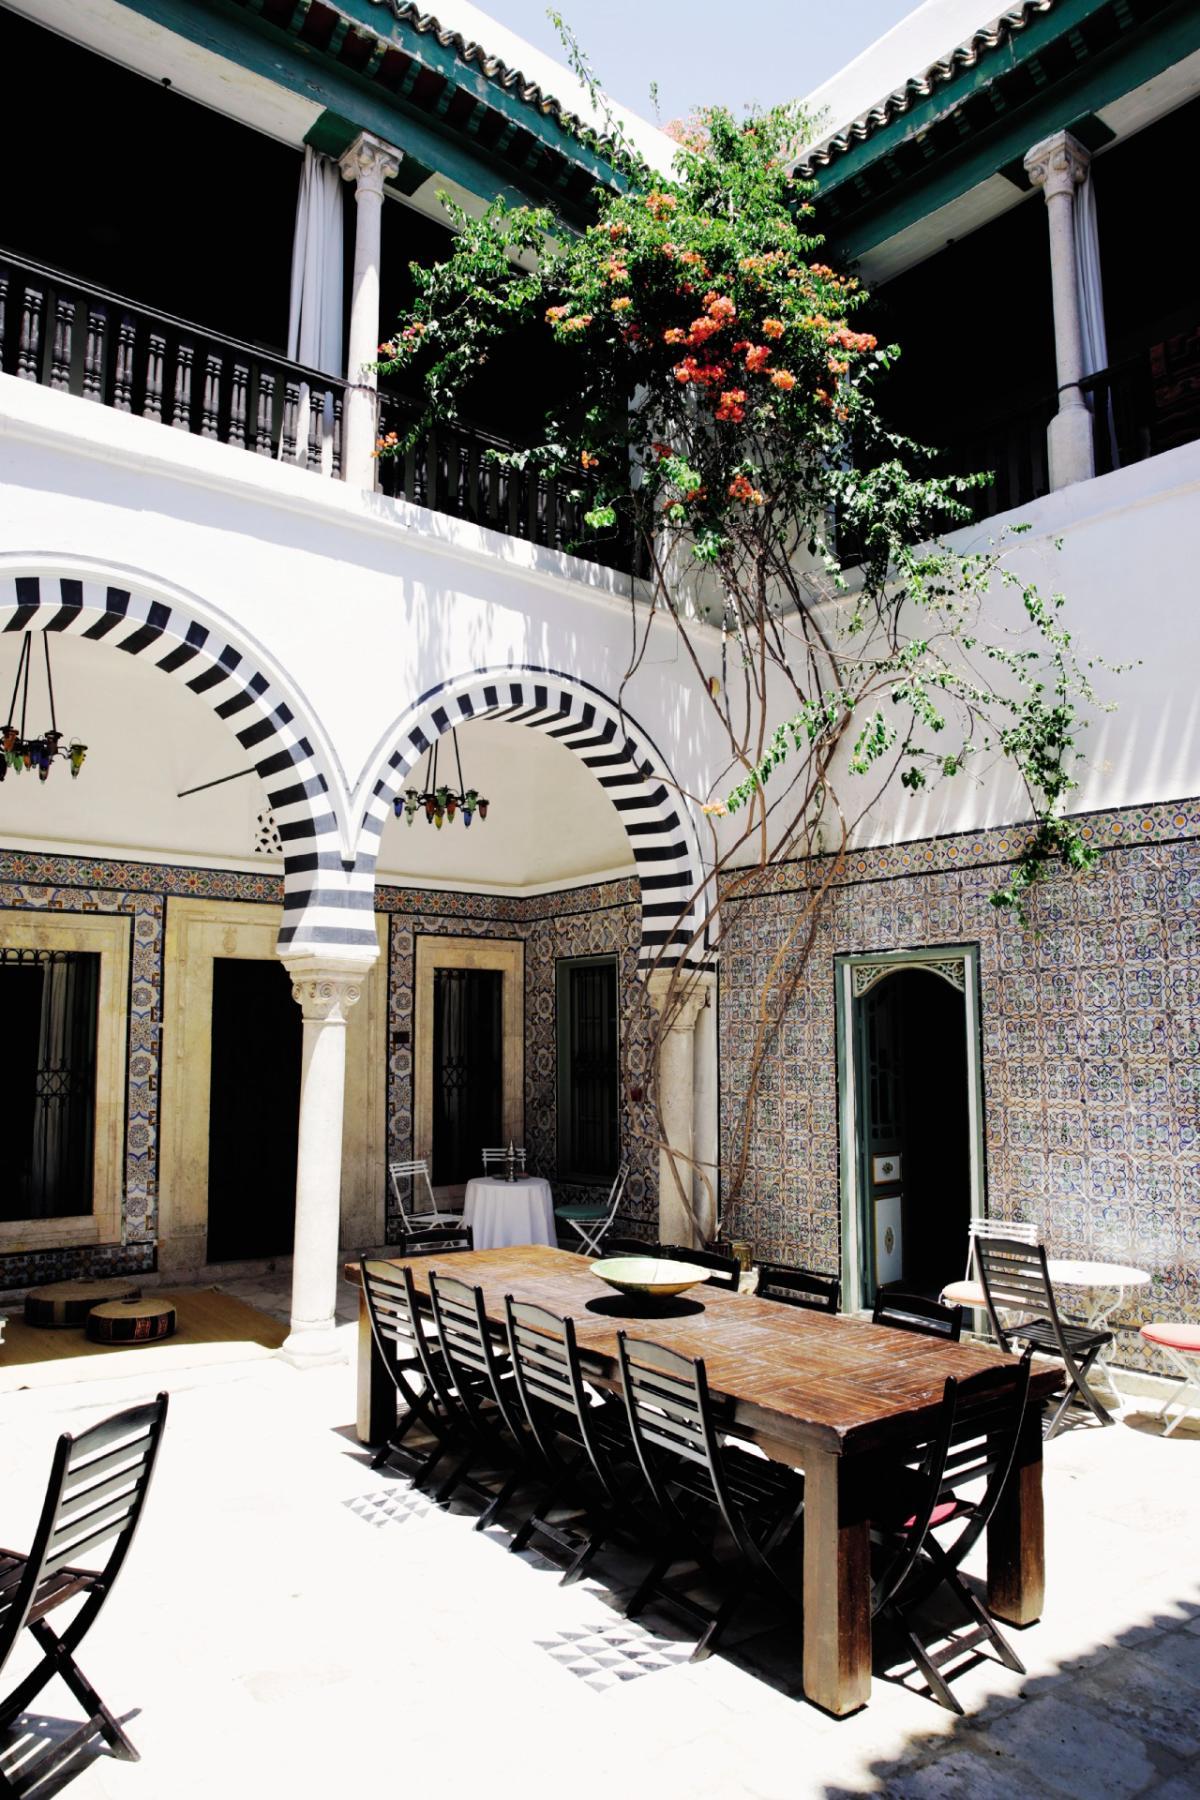 Dans la médina de Tunis,le patio du Dar Ben Gacem, une maison d'hôtes qui date du XVIIe siècle.